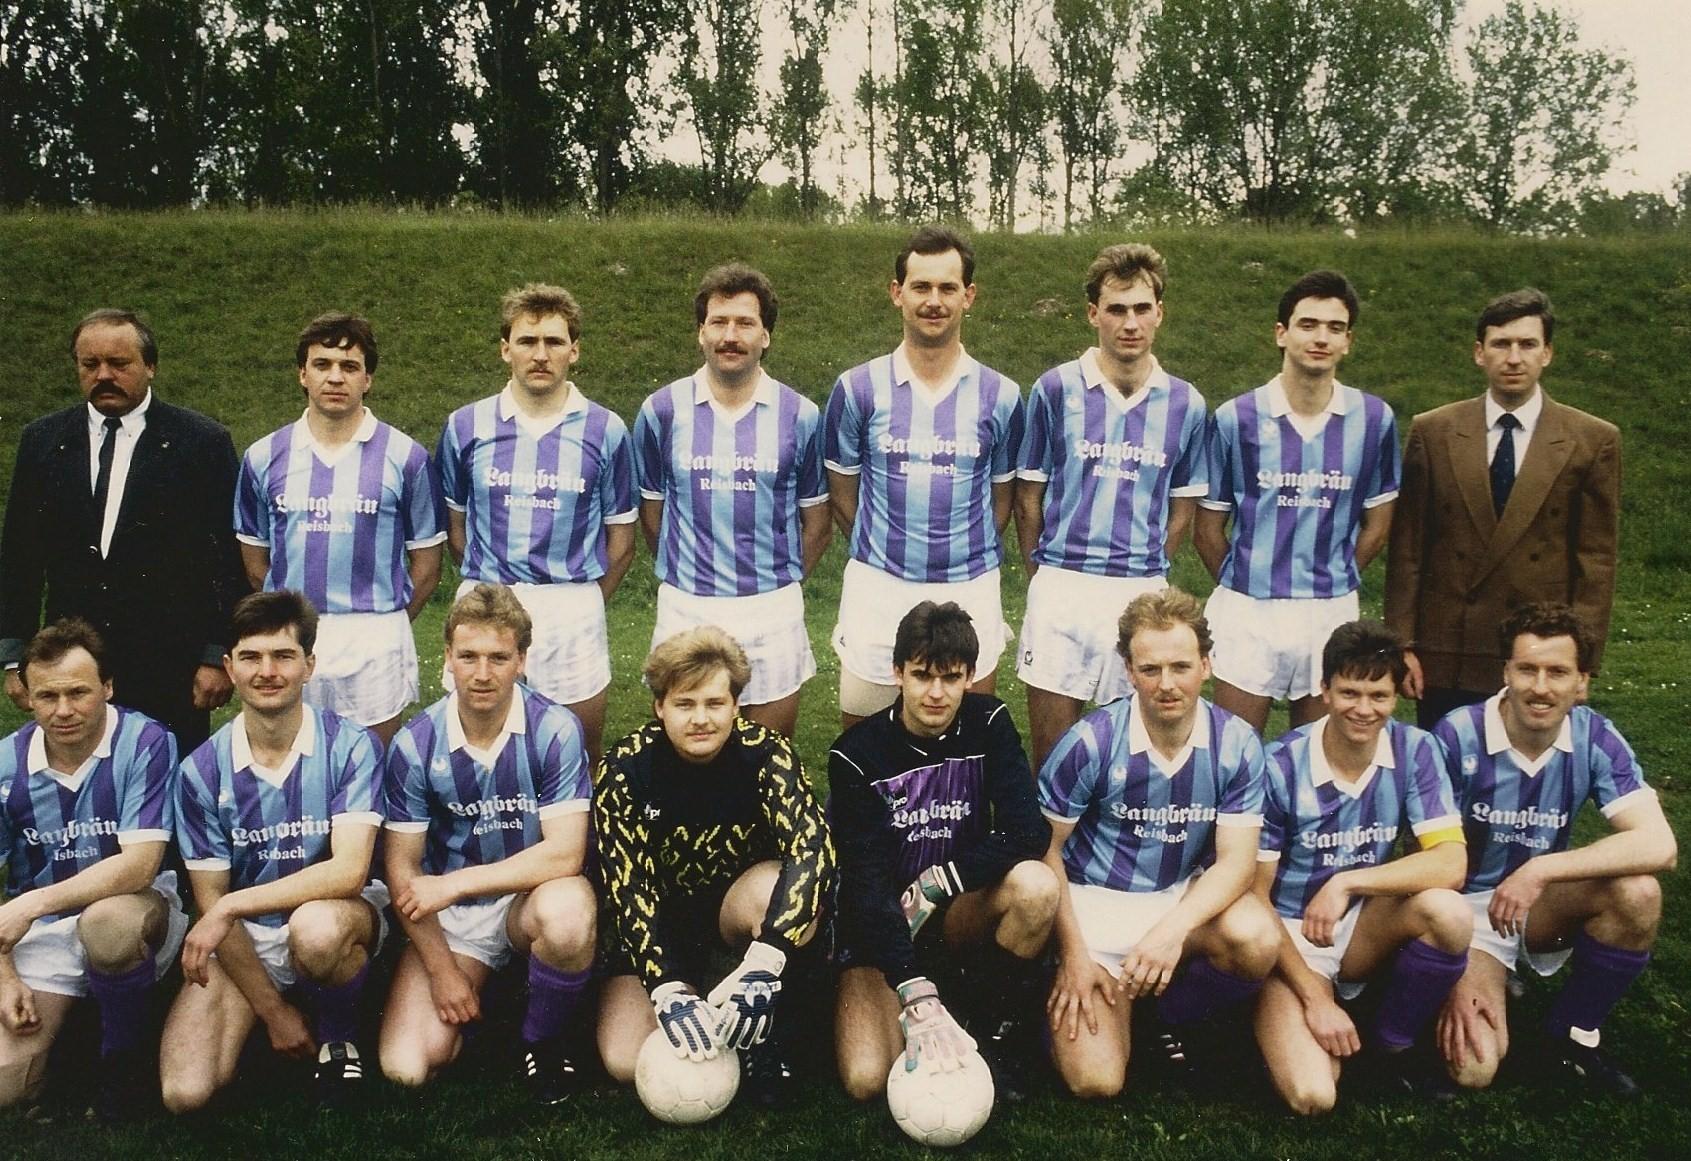 1. Mannschaft 1992